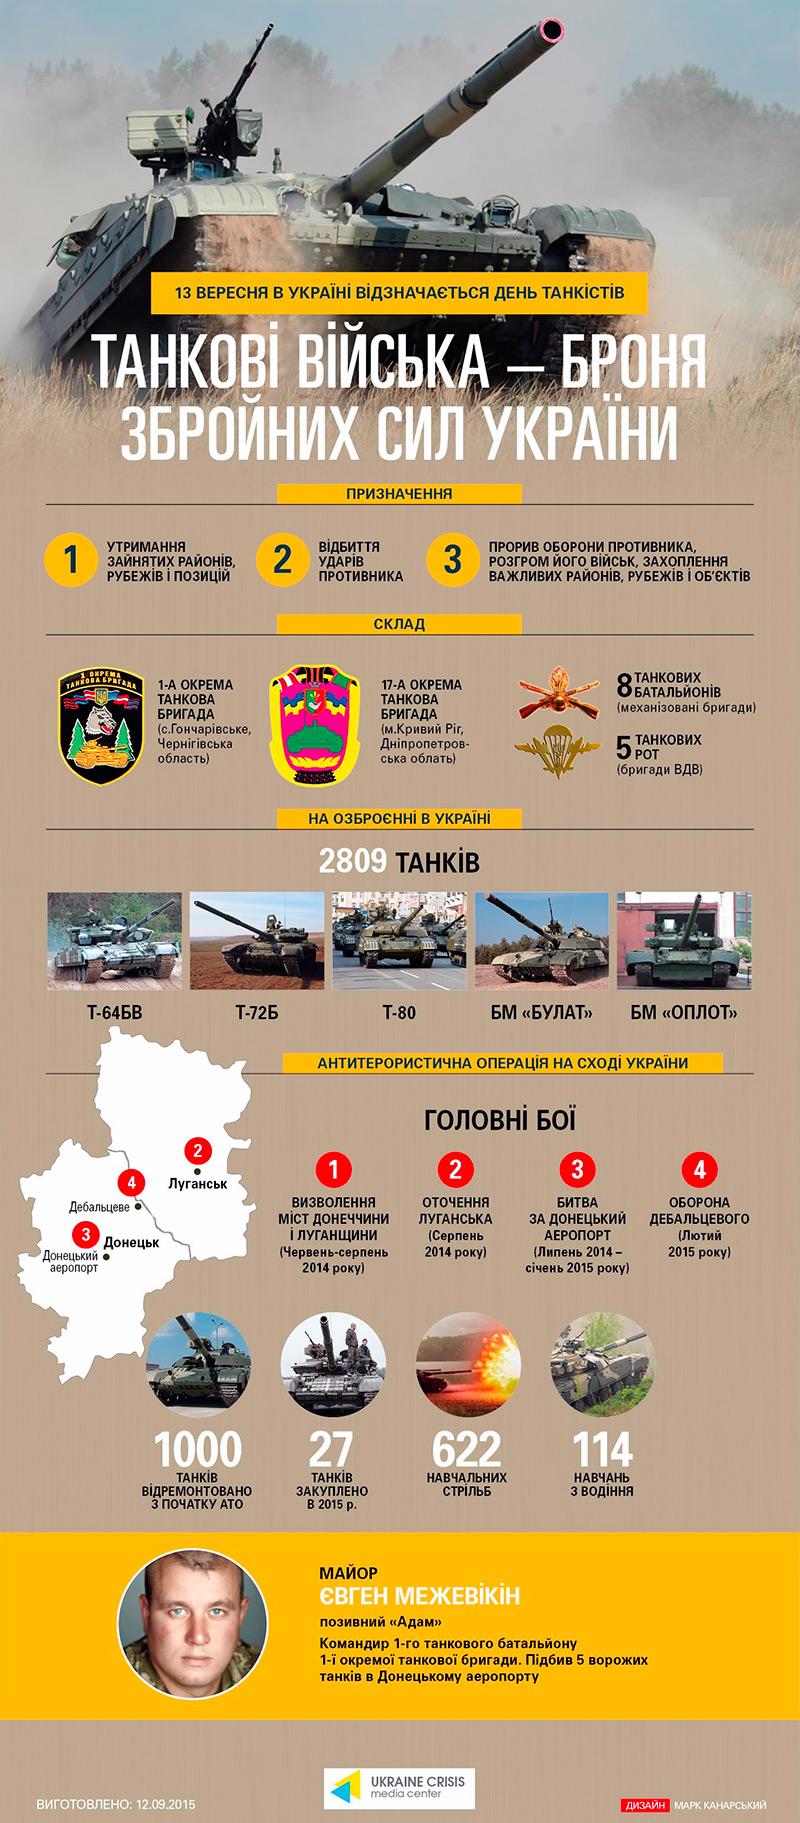 Украинские танковые подразделения - инфографика